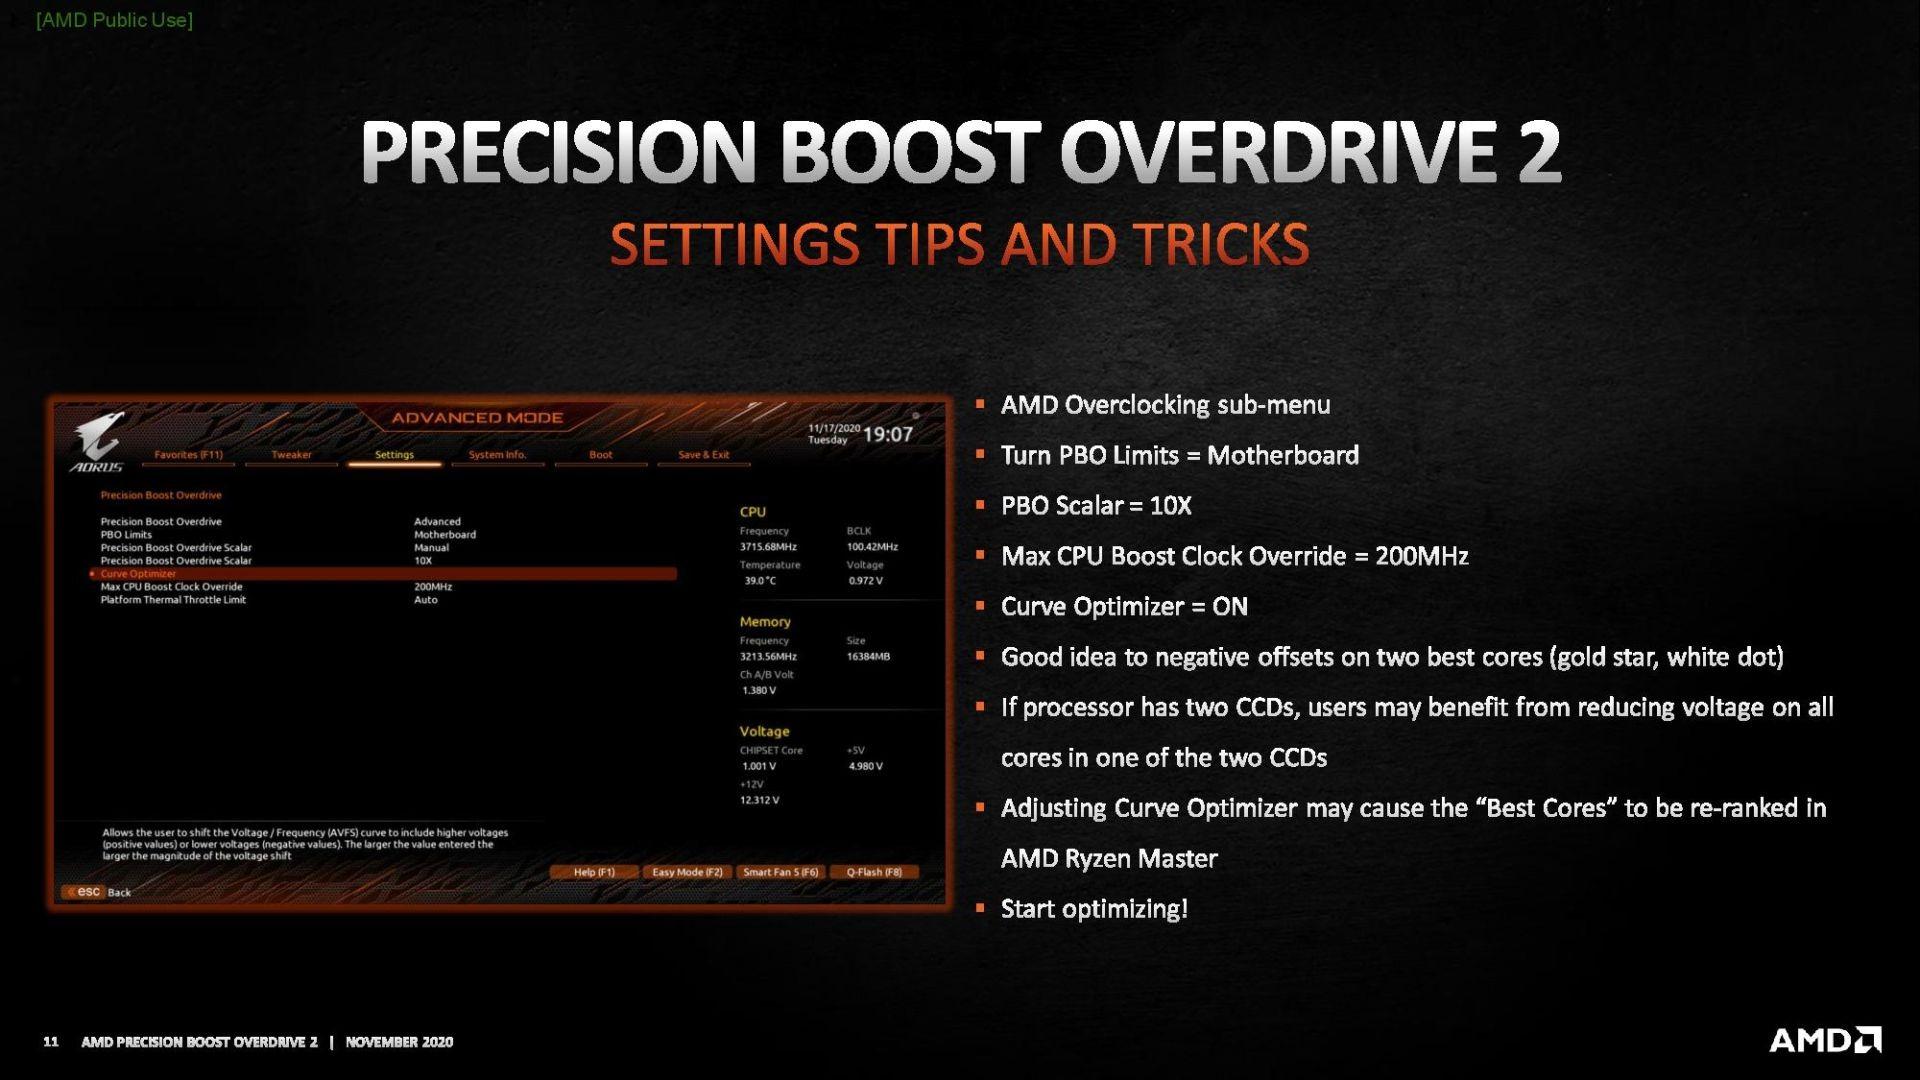 AMD Precision Boost Overdrive 2